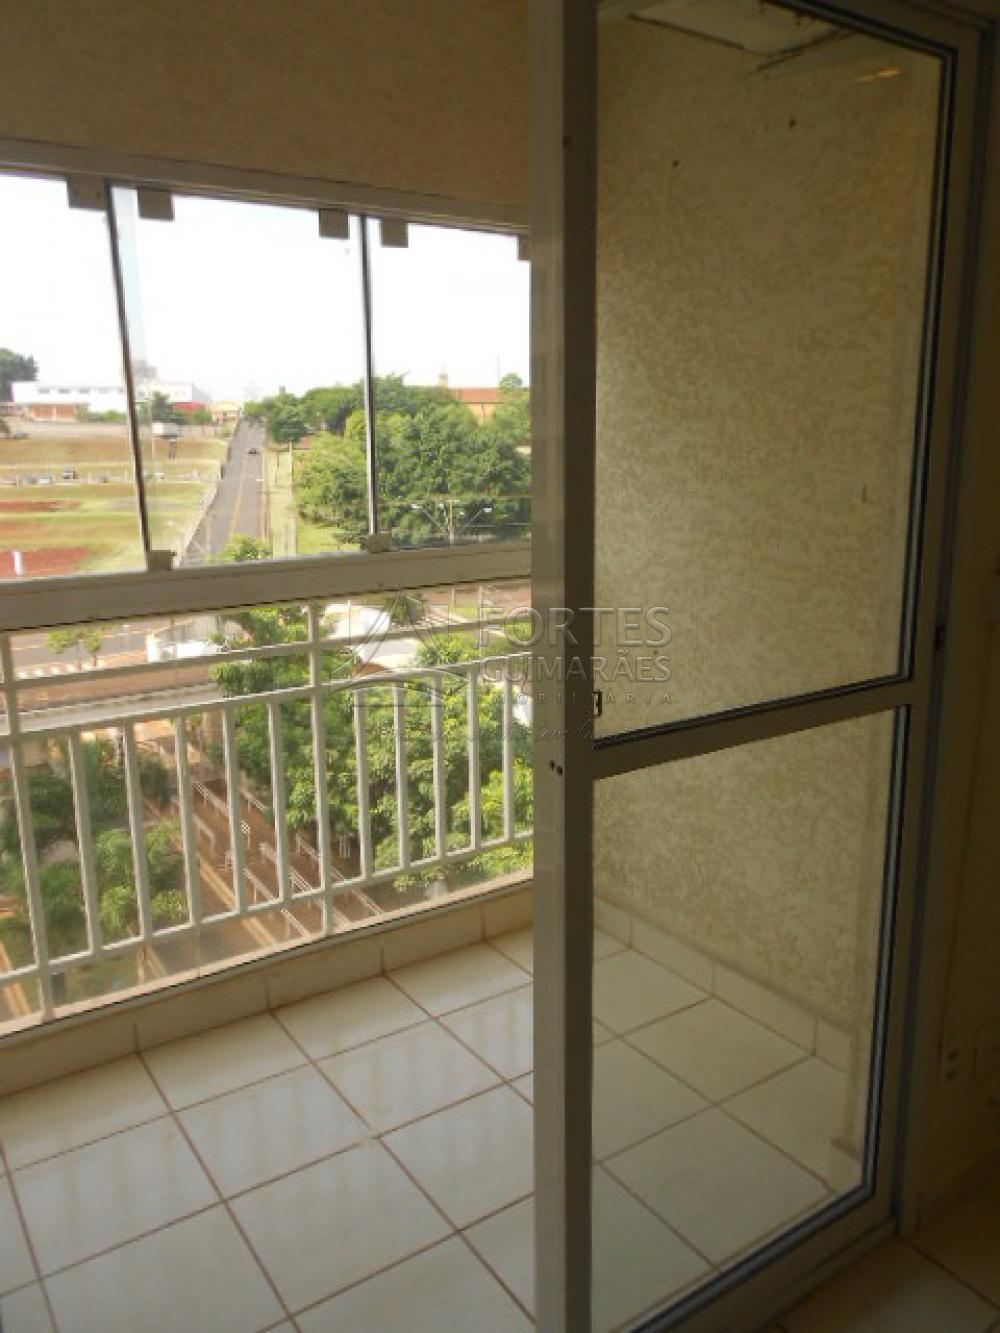 Alugar Apartamentos / Padrão em Ribeirão Preto apenas R$ 1.200,00 - Foto 6